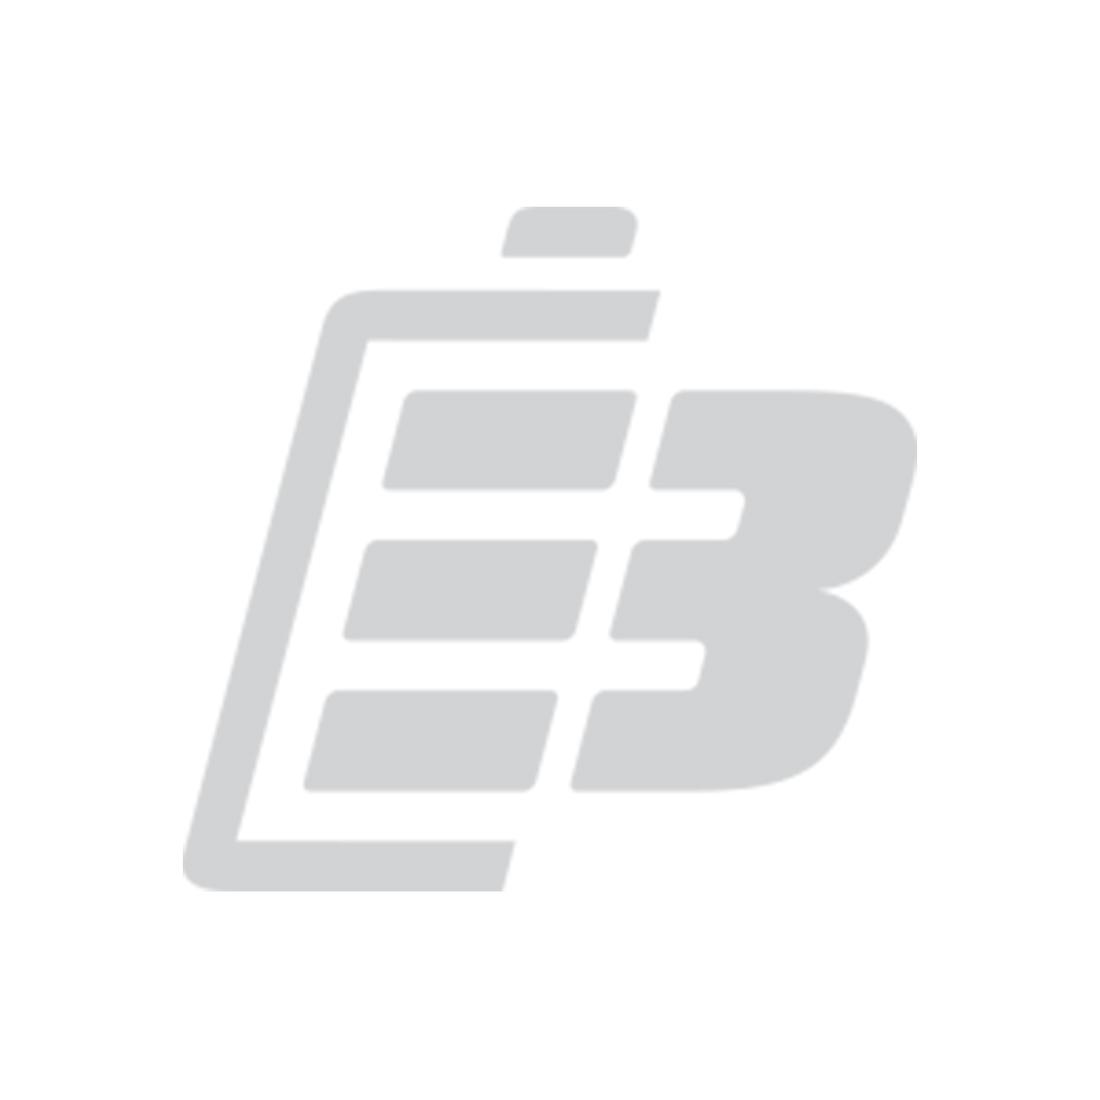 Laptop battery HP Pavilion 10 TouchSmart_1